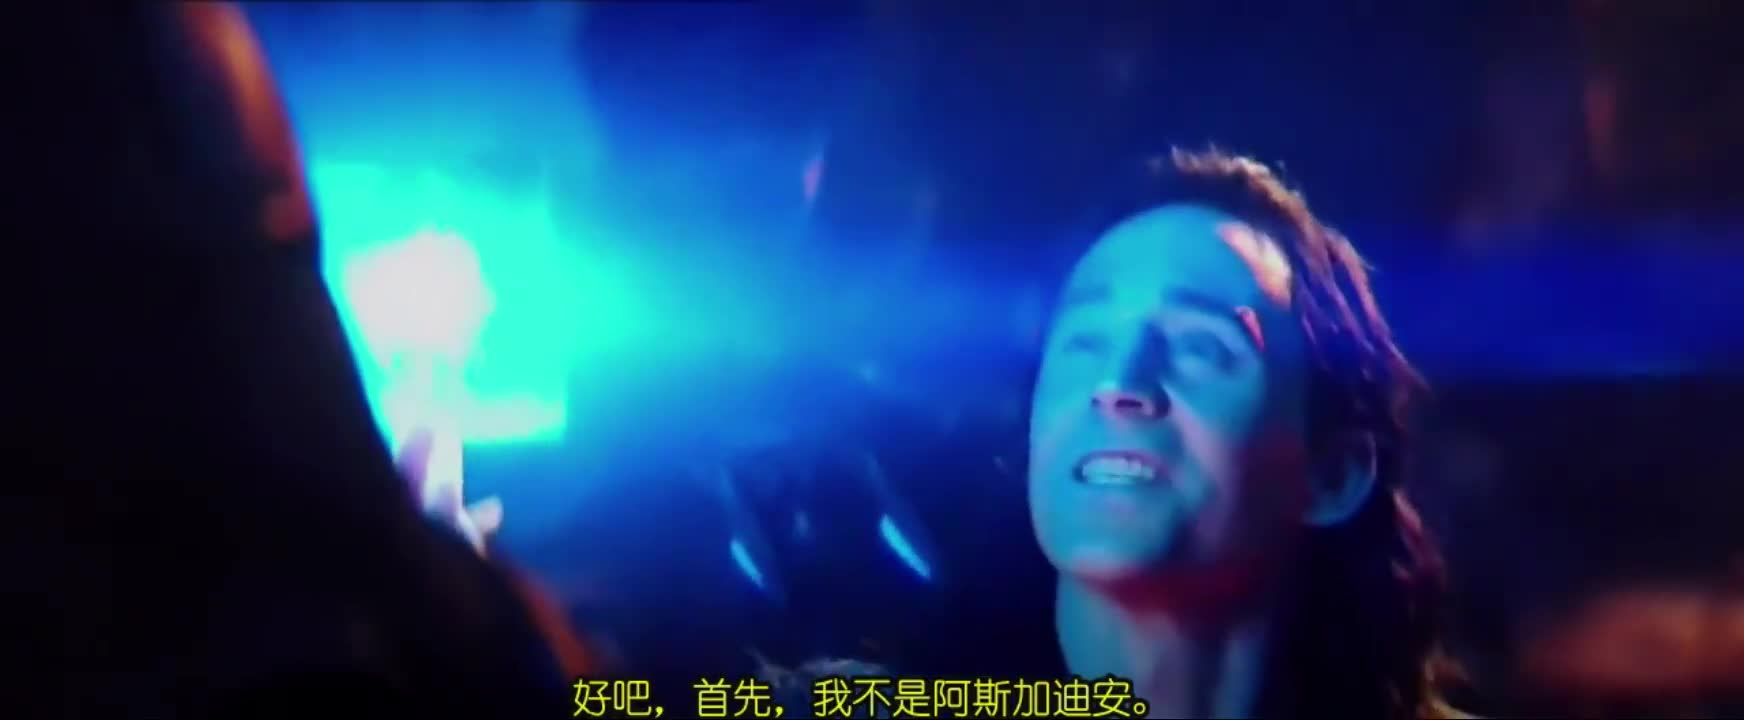 #经典看电影#复仇者联盟3:灭霸打绿巨人浩克真的是不费吹灰之力!